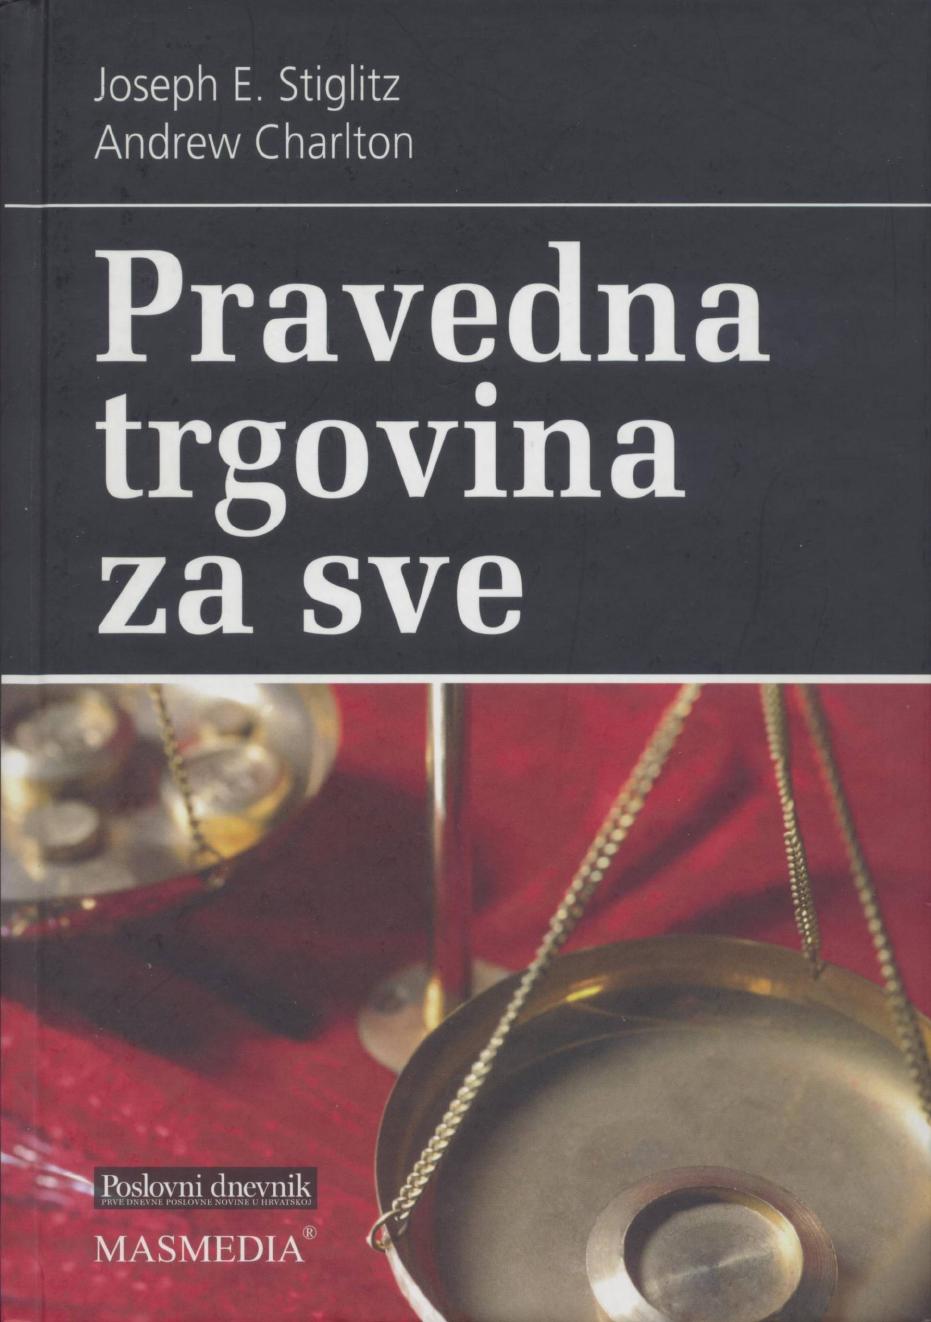 PRAVEDNA TRGOVINA ZA SVE - Naruči svoju knjigu